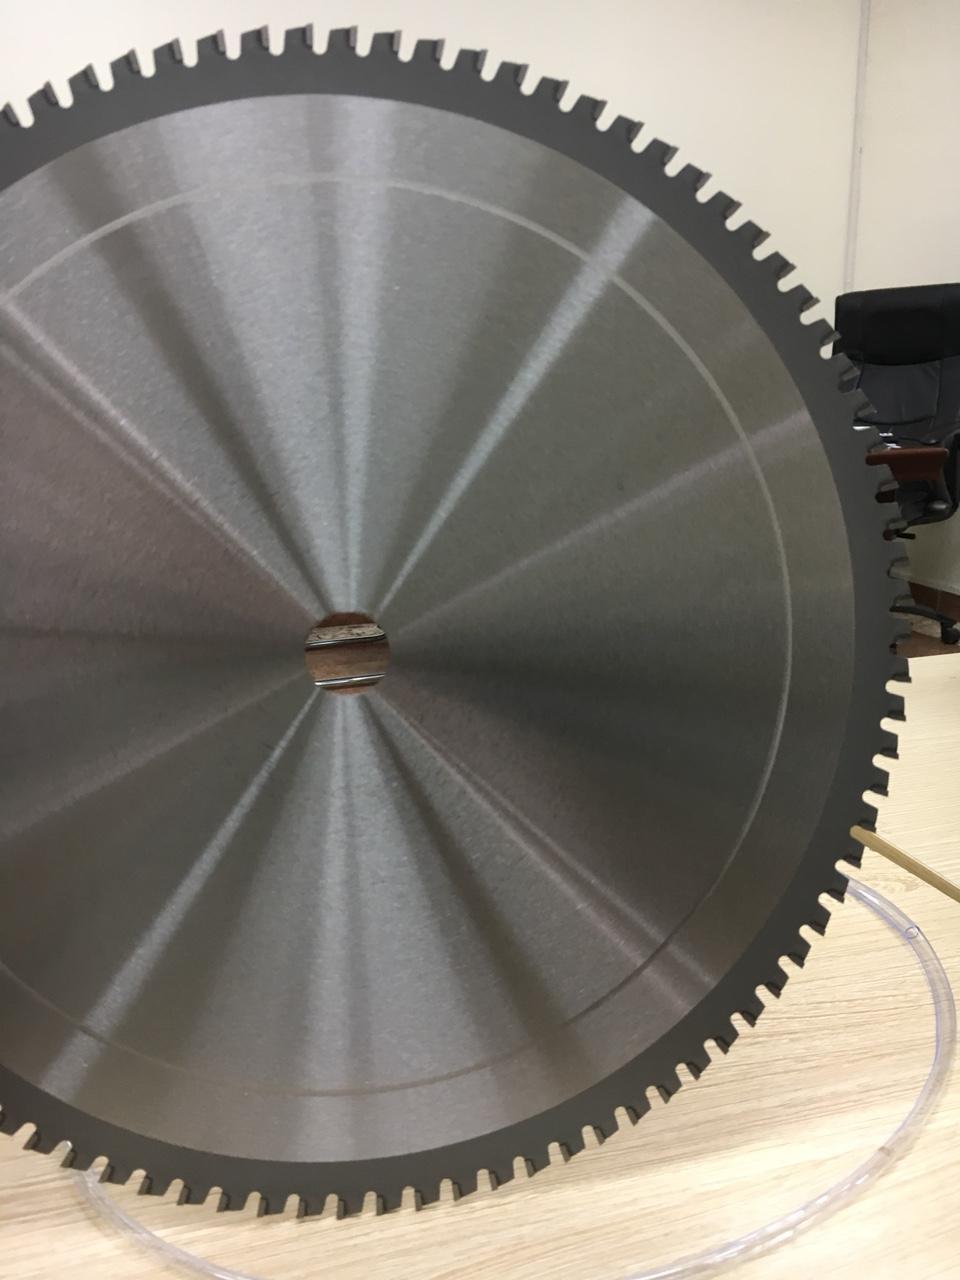 Lưỡi cắt sắt hợp kim 350 - 90 răng vòng tua 1600 vòng/ phút